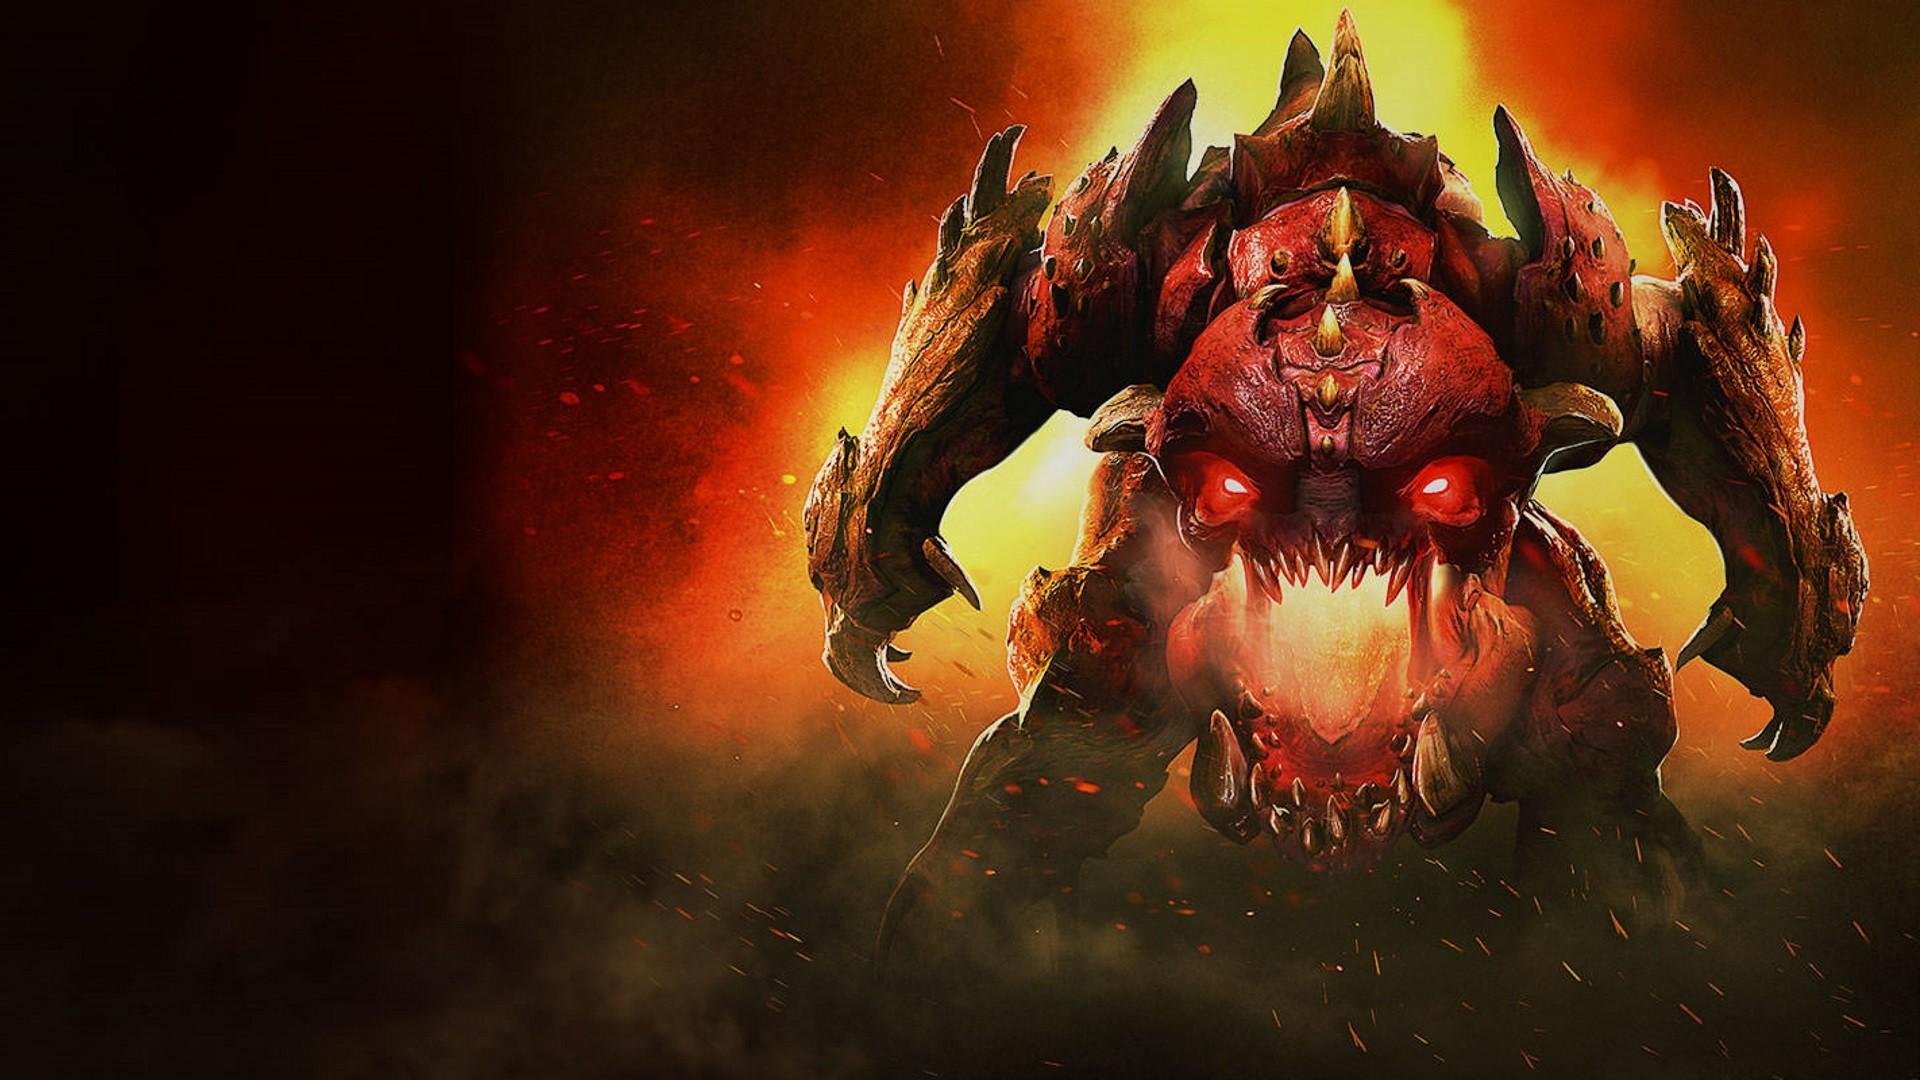 Doom 3 Wallpapers (48+ images)